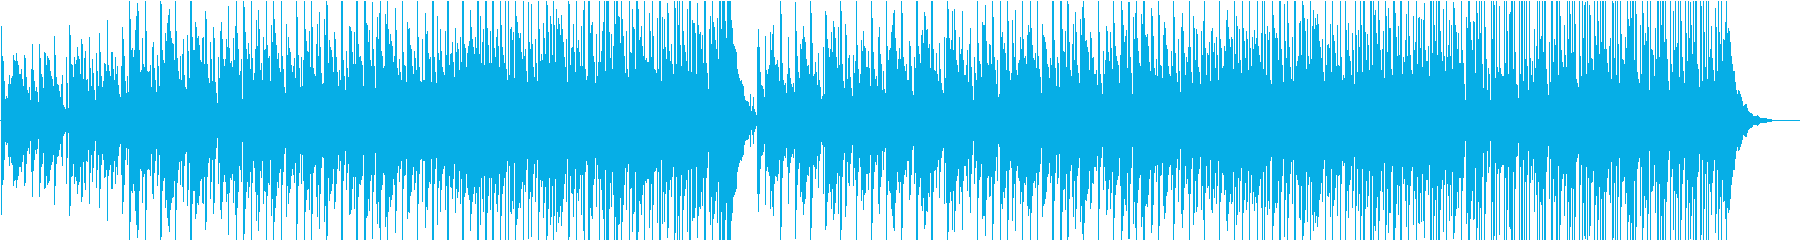 ゆったりのんびりハワイアンの再生済みの波形